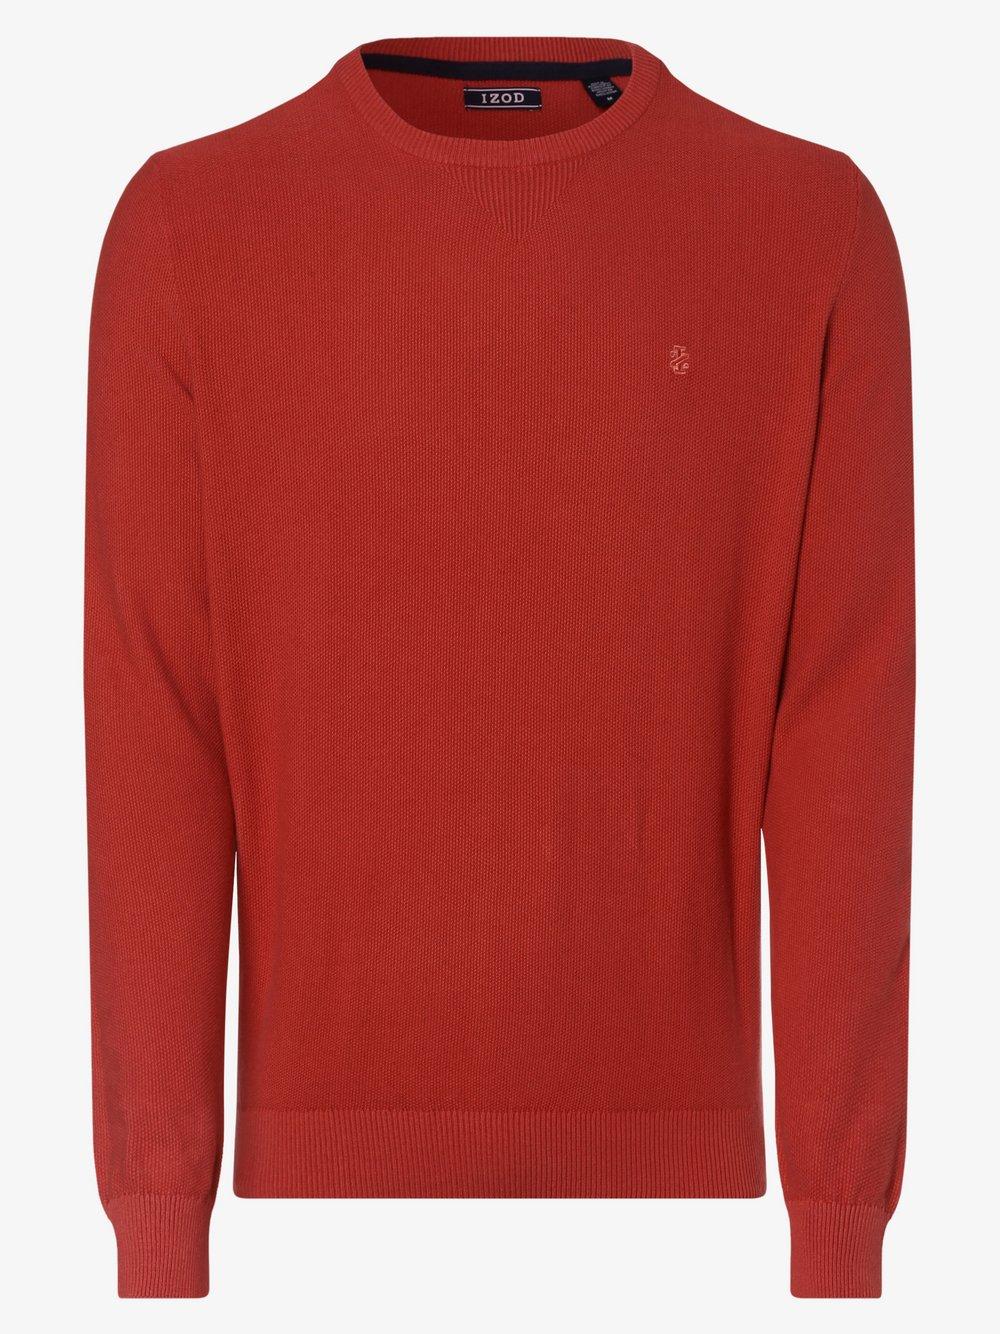 IZOD - Sweter męski, czerwony